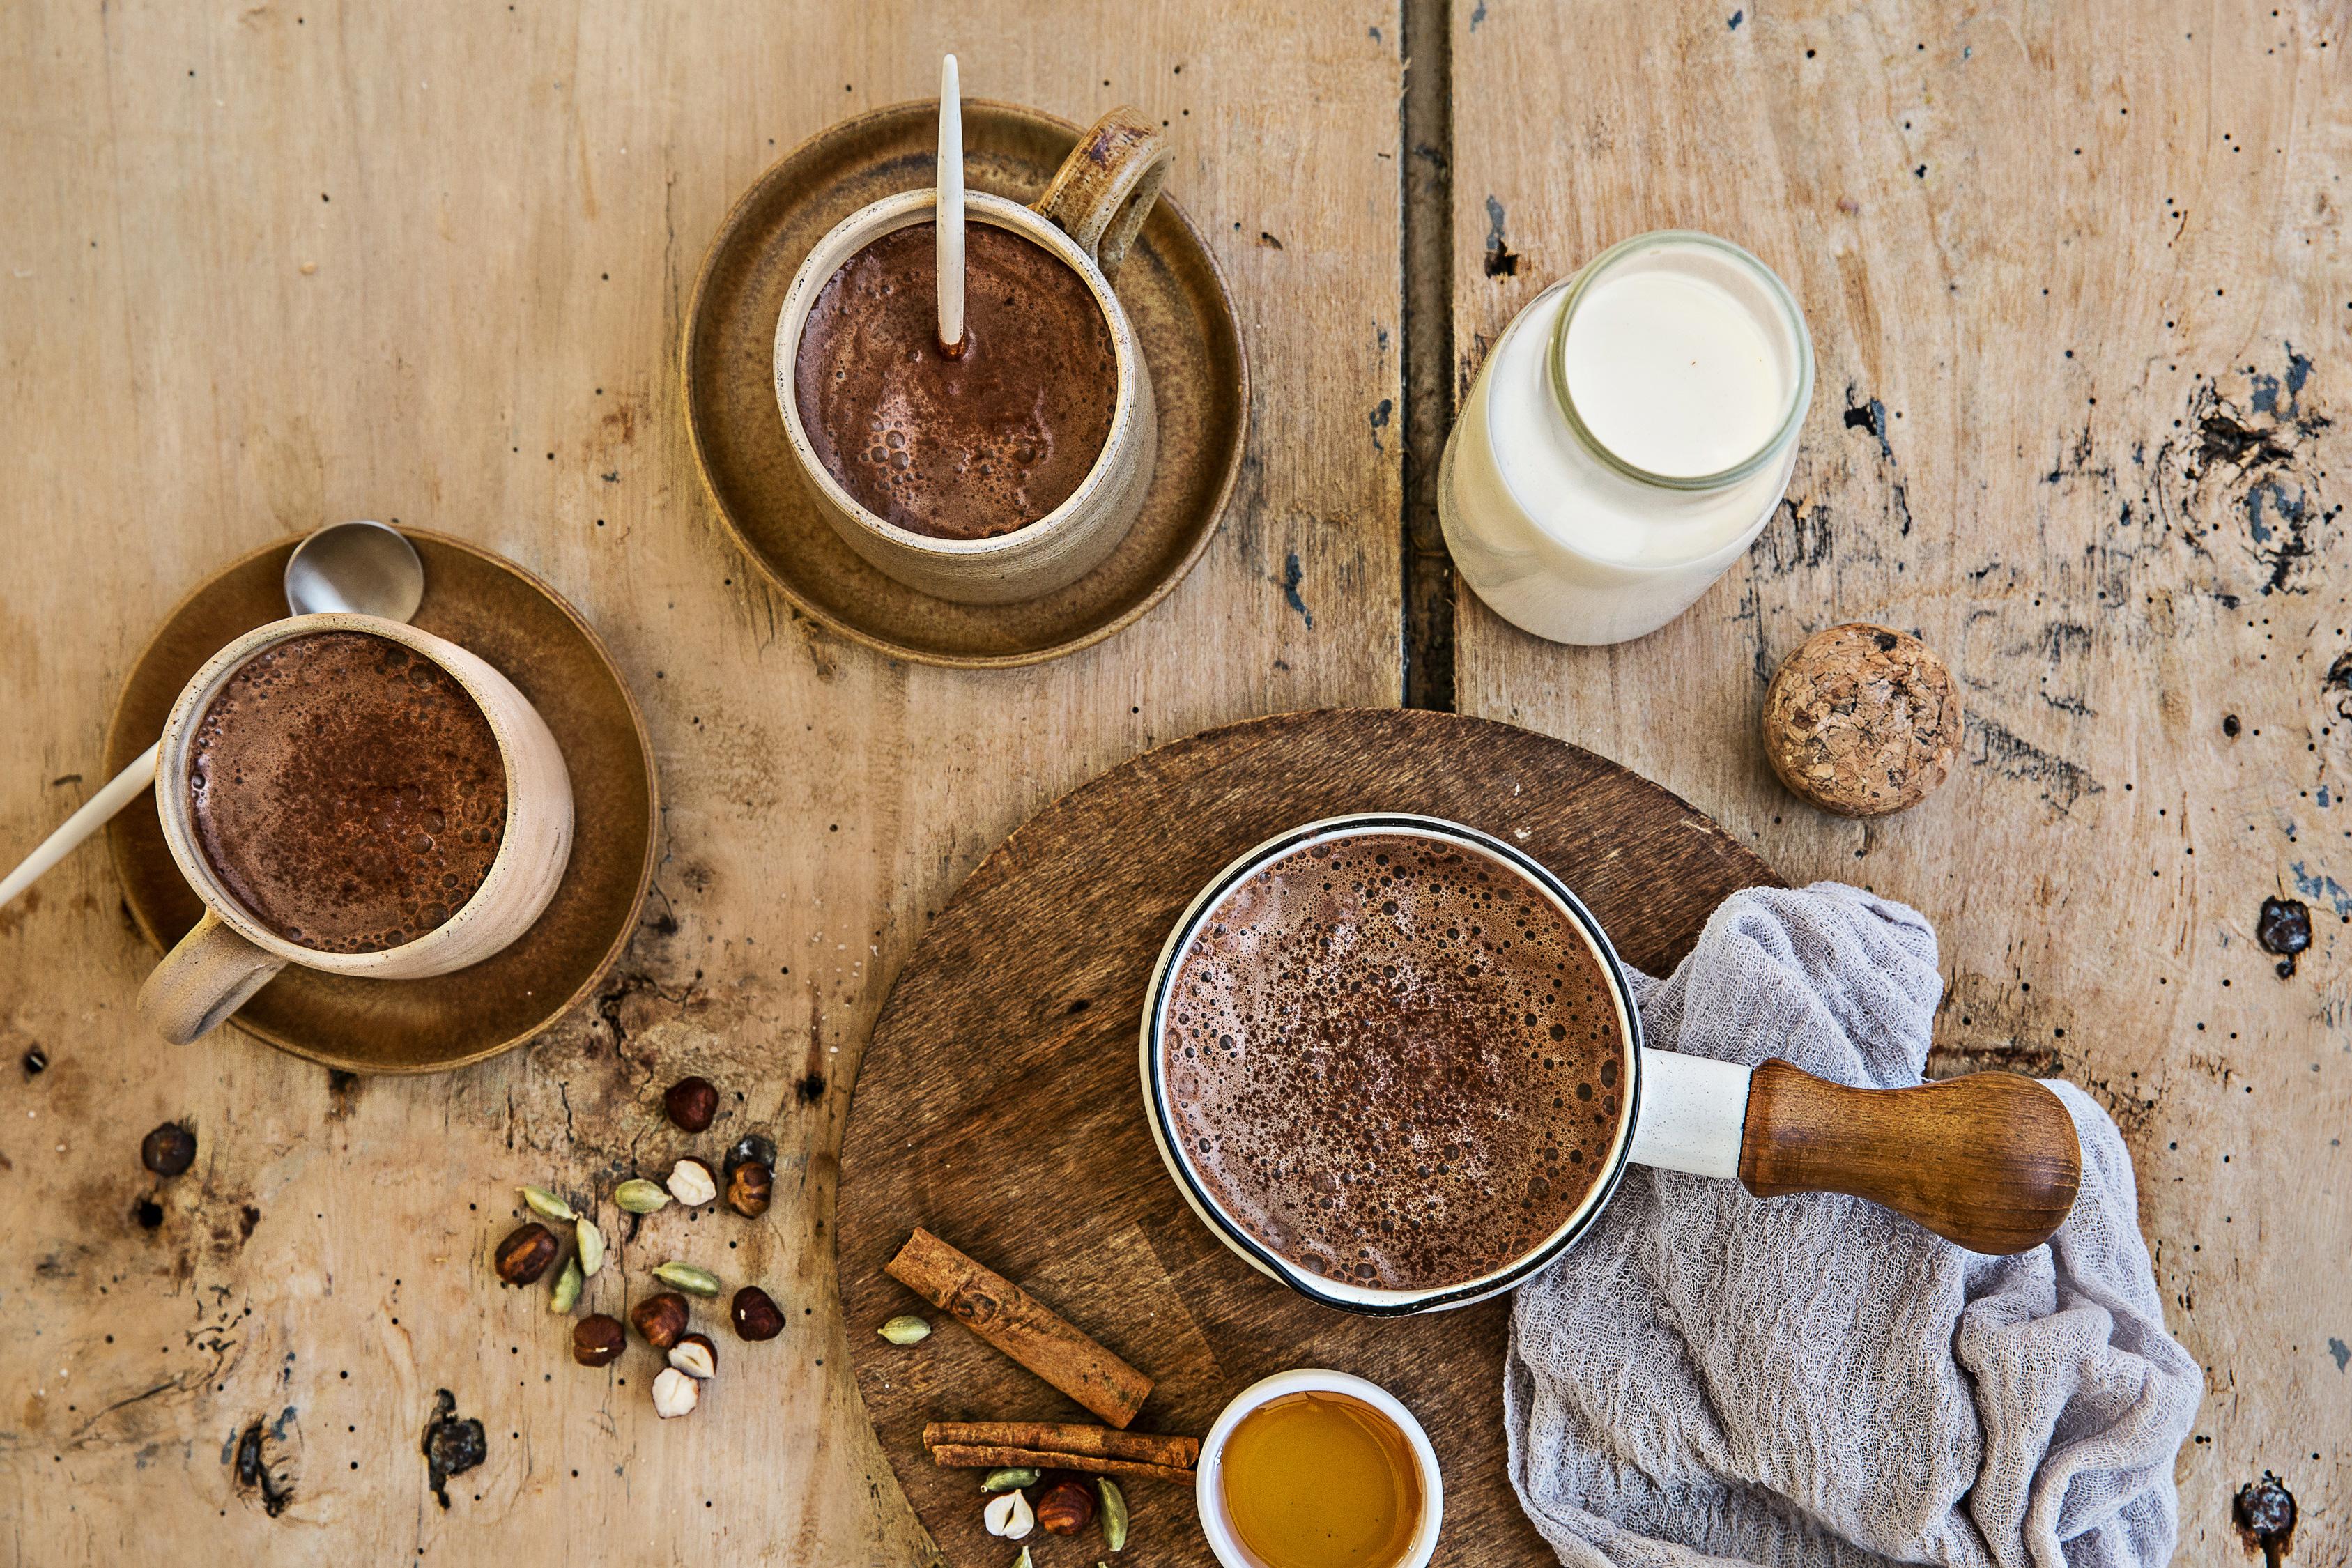 Фото prigotovlenie goryachego shokolada 3.